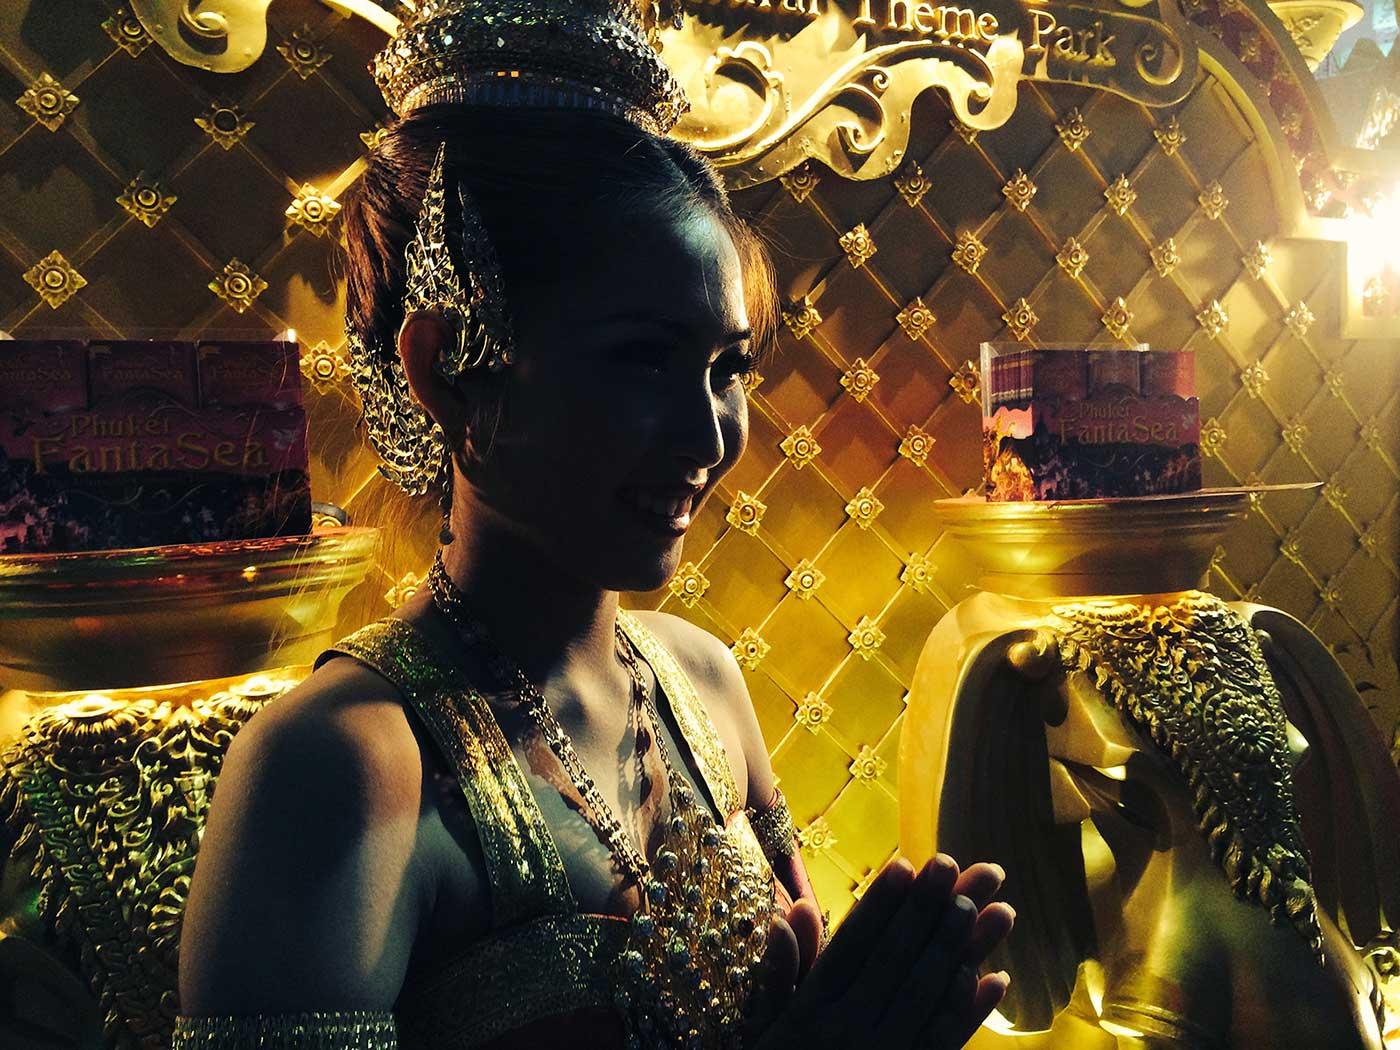 Güzel Tay kızı, Phuket Old Town